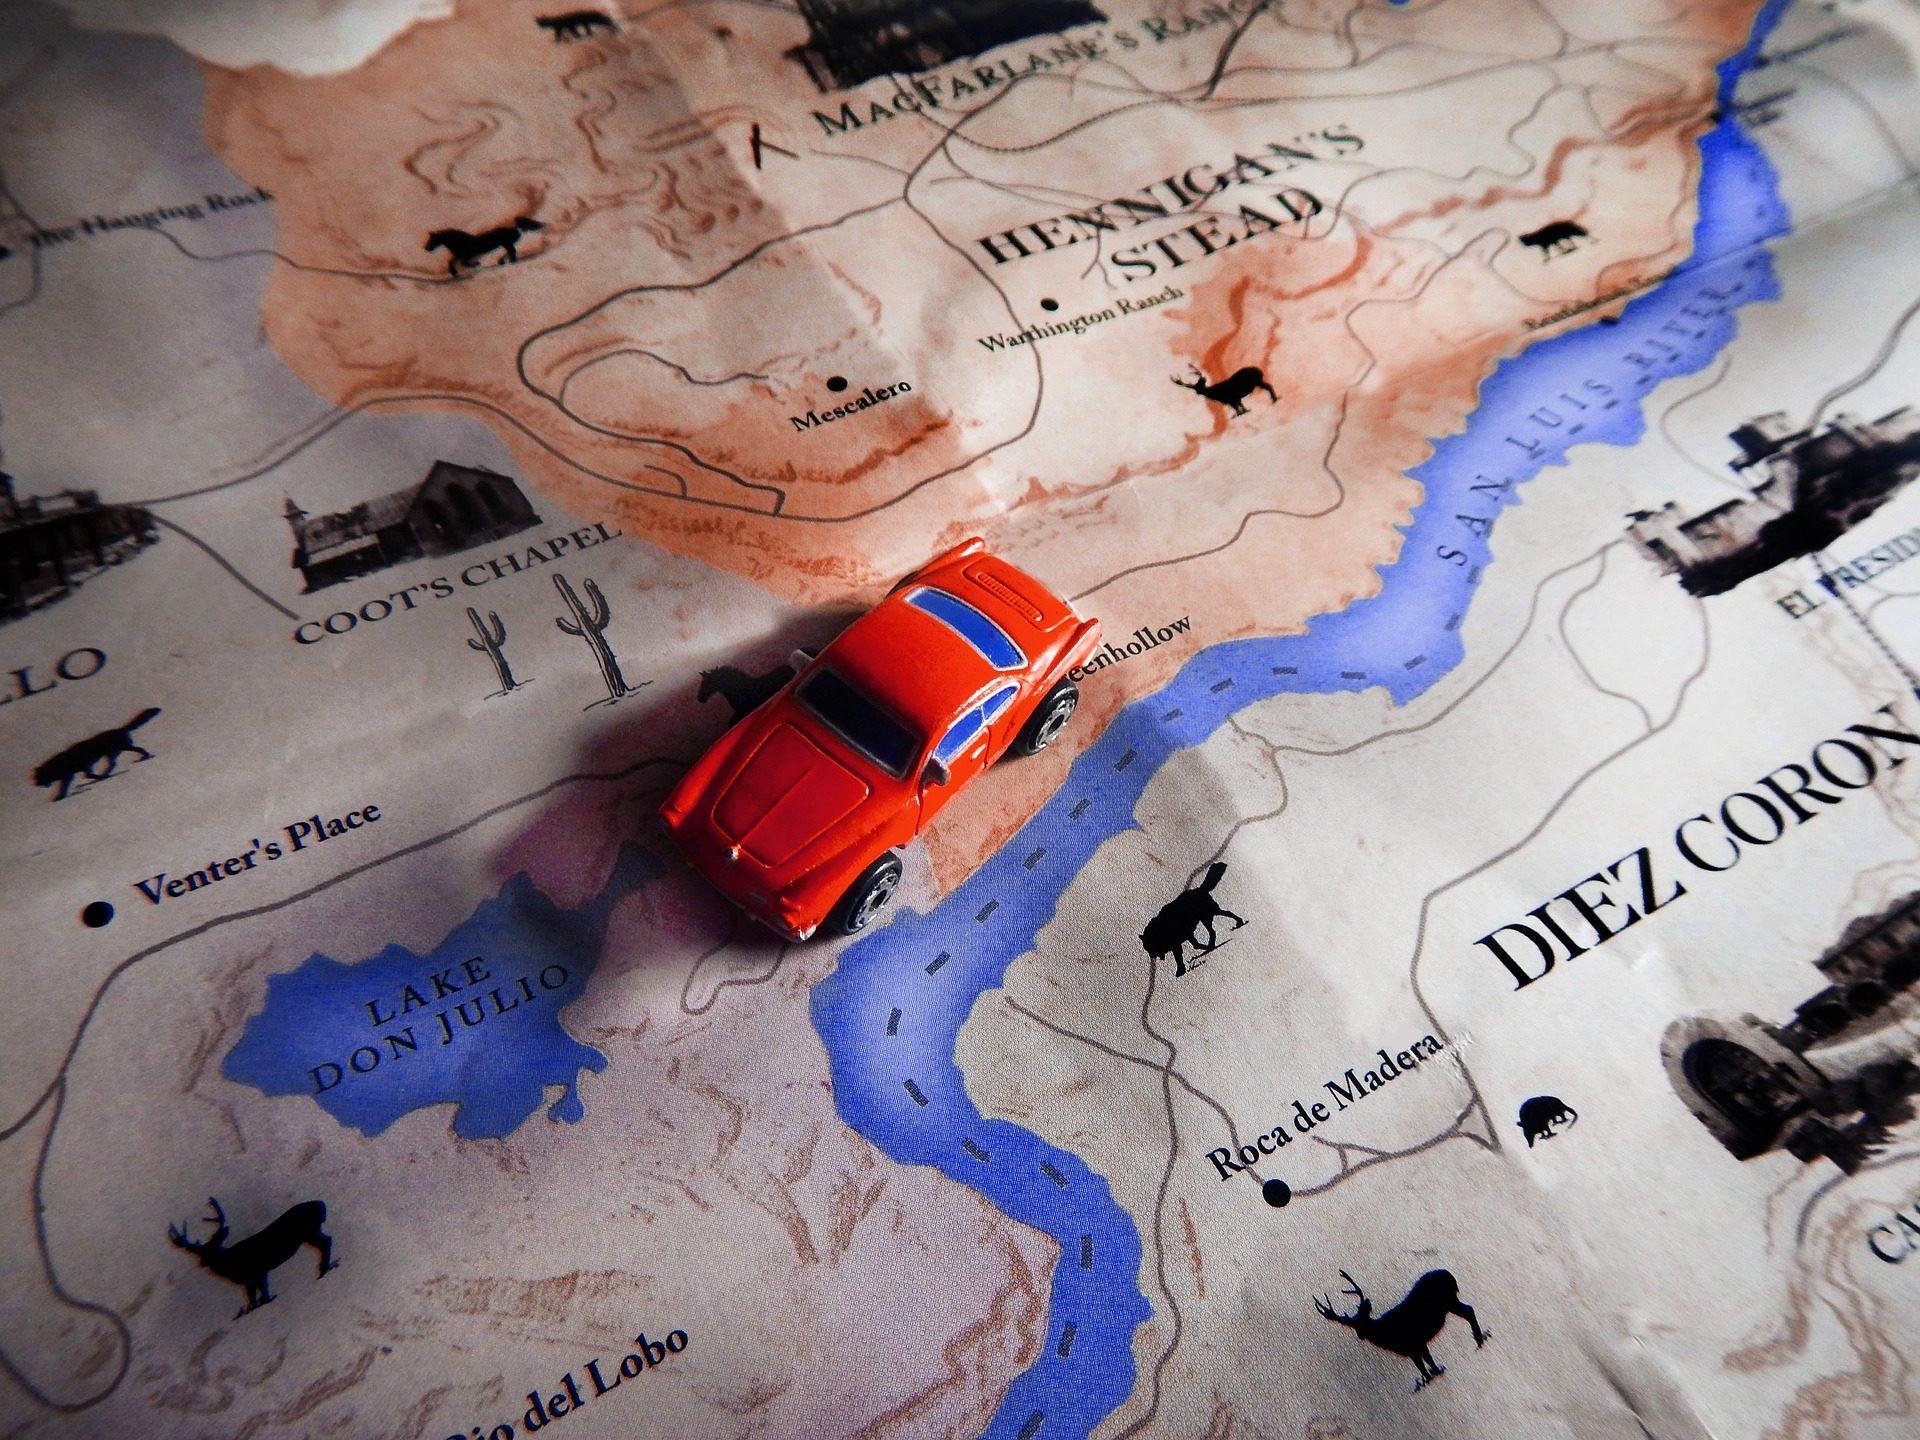 voiture, Jouet, carte, voyage, Aventure - Fonds d'écran HD - Professor-falken.com